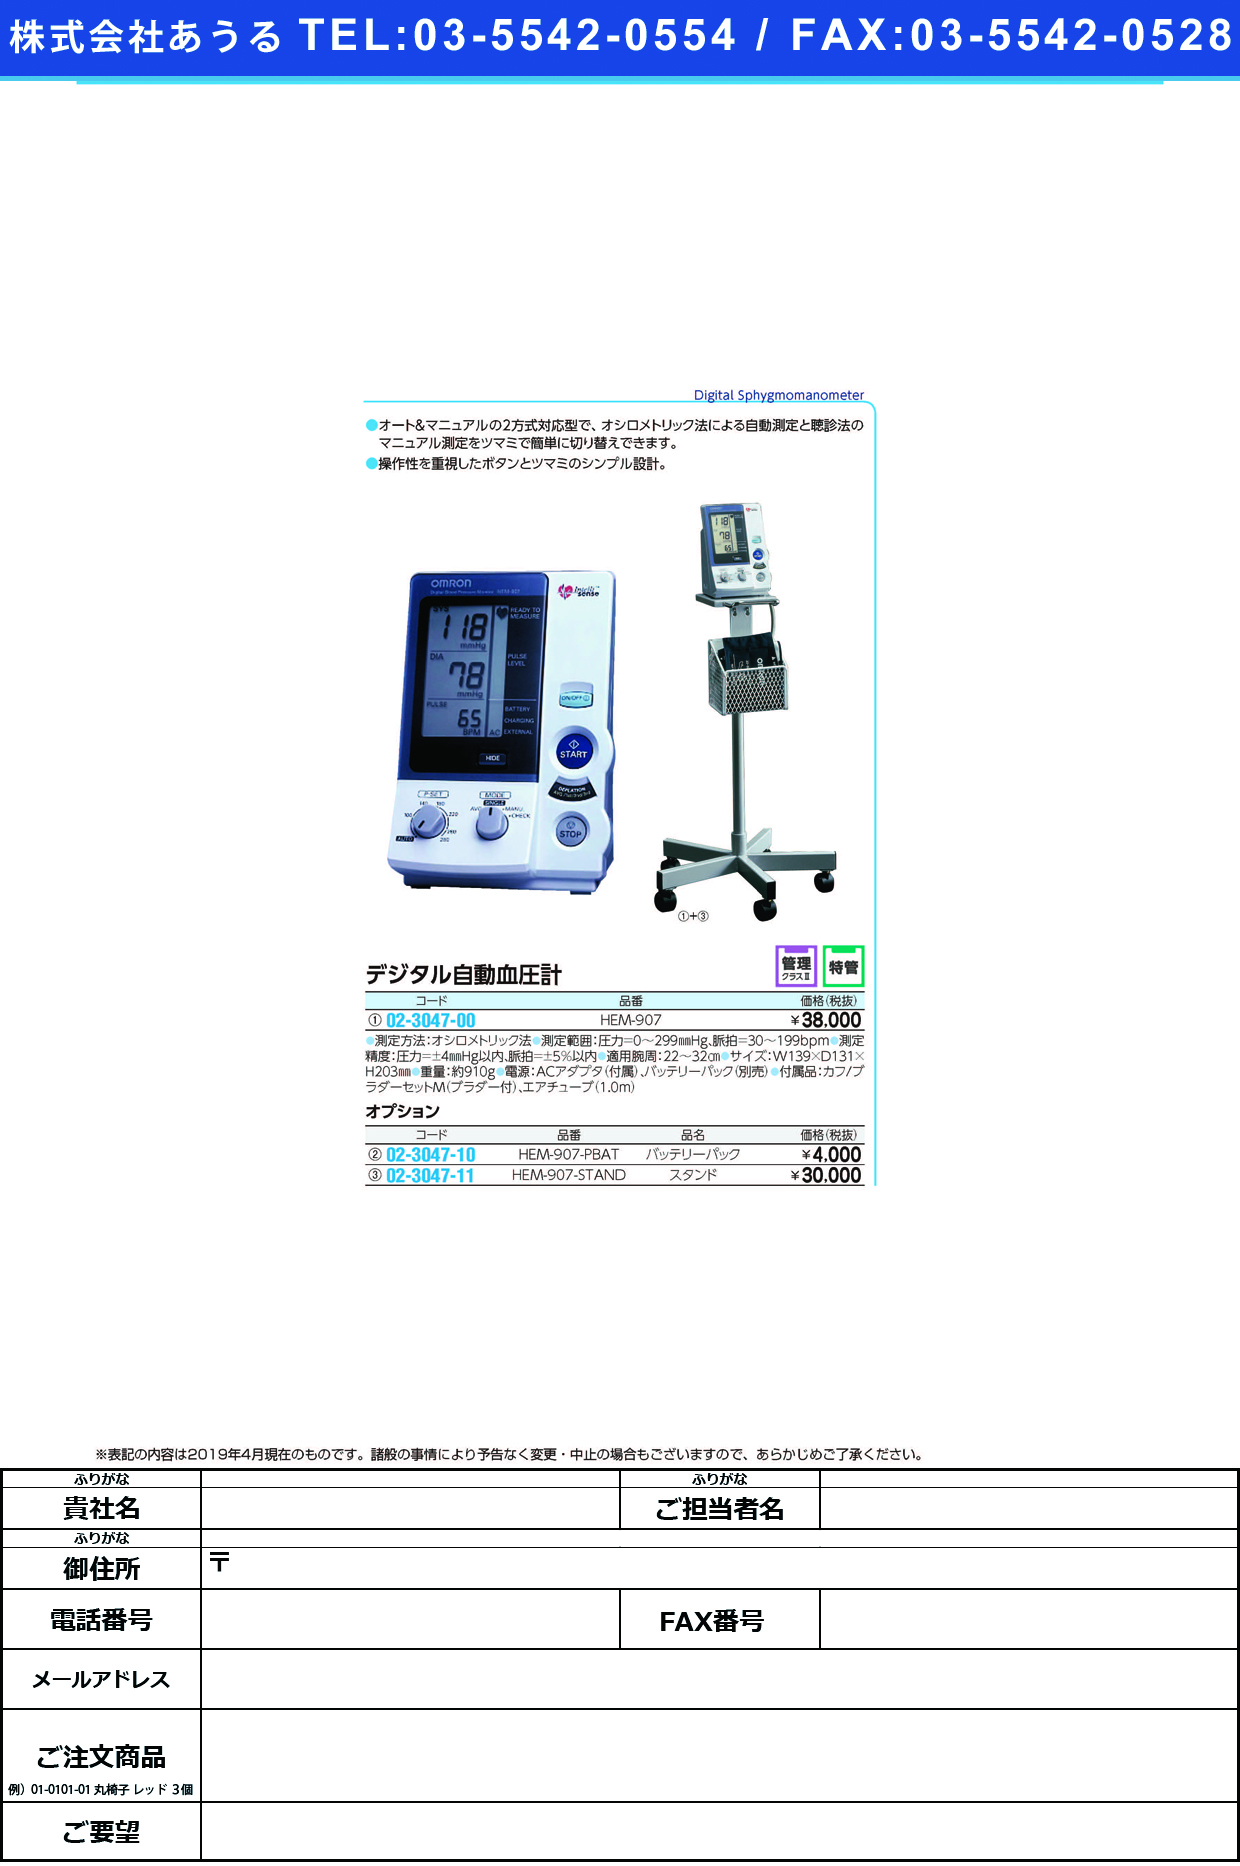 (02-3047-00)デジタル自動血圧計(施設用) HEM-907 デジタルジドウケツアツケイシセツ(フクダコーリン)【1台単位】【2019年カタログ商品】